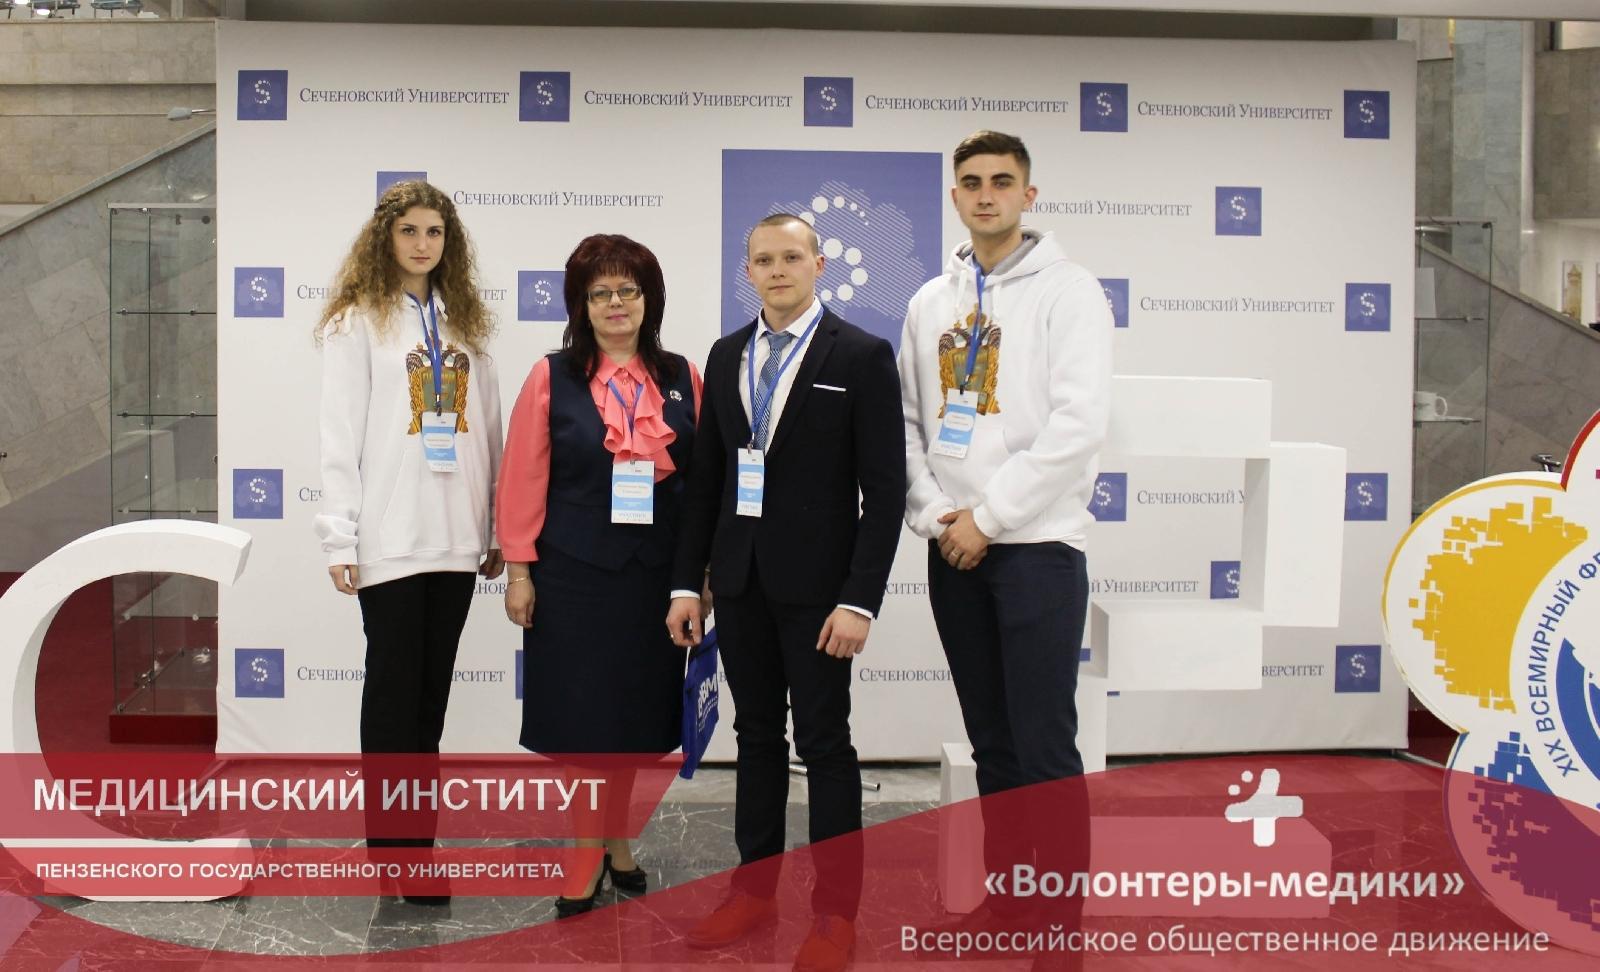 Студенты Медицинского института приняли участие во II Всероссийском форуме волонтеров-медиков в Москве